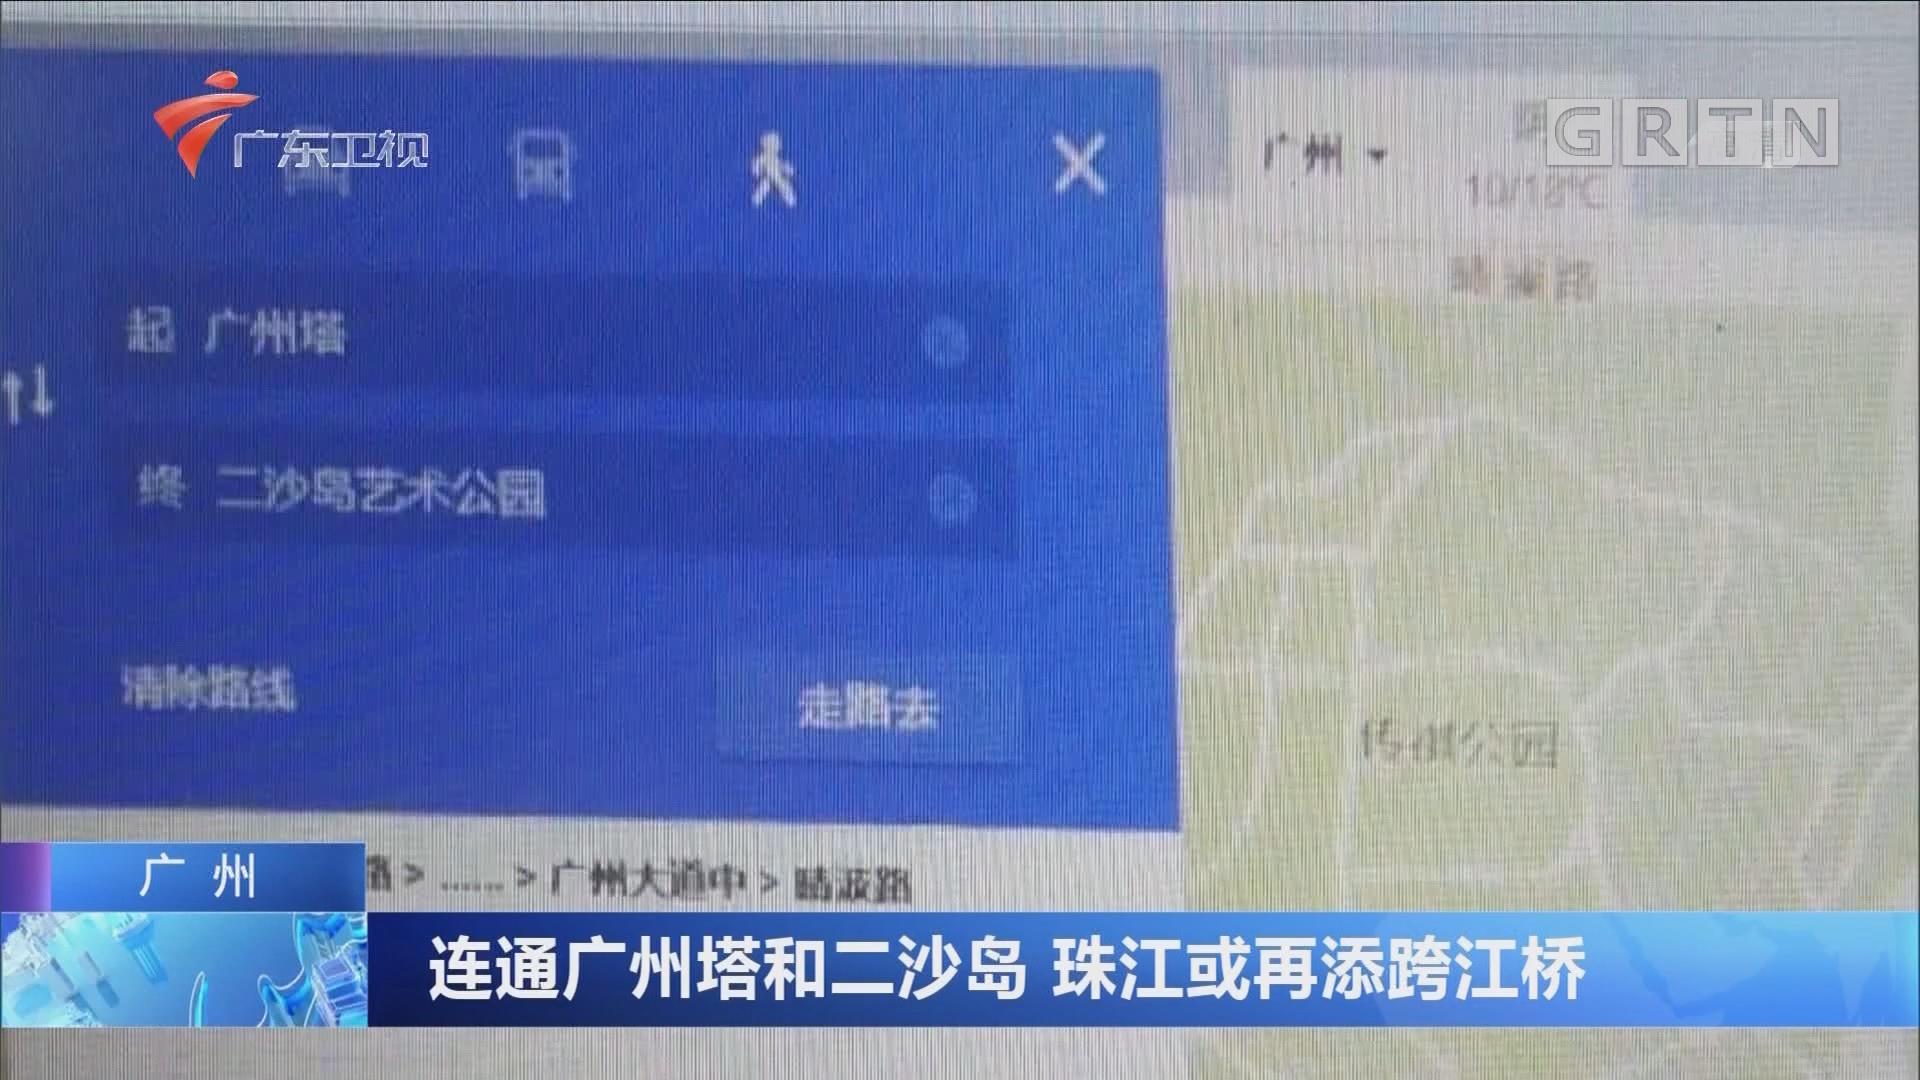 广州:连通广州塔和二沙岛 珠江或再添跨江桥